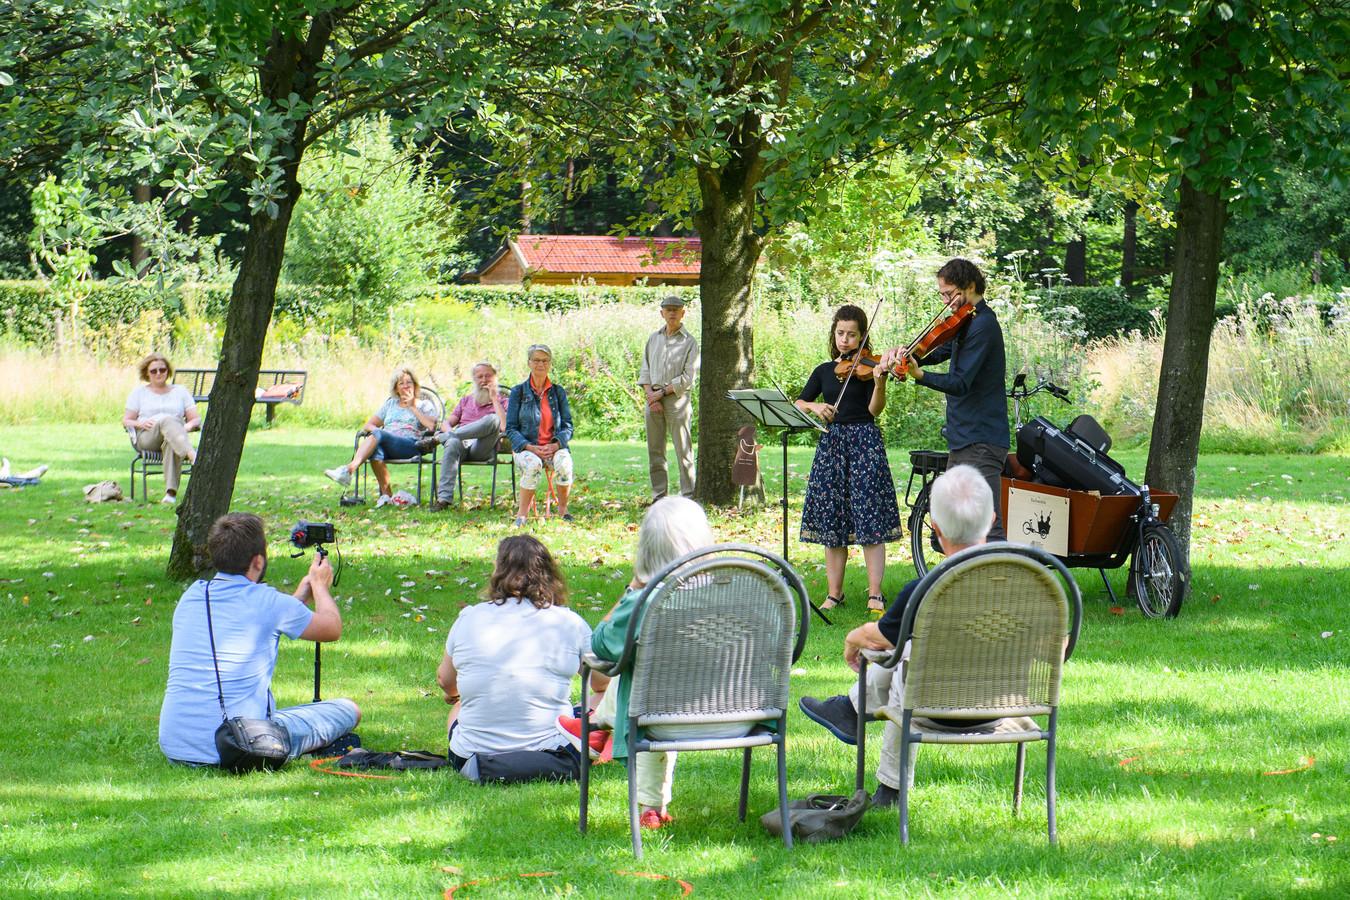 Op afstand van elkaar luisteren liefhebbers van klassieke muziek naar de twee Bachspecialisten.